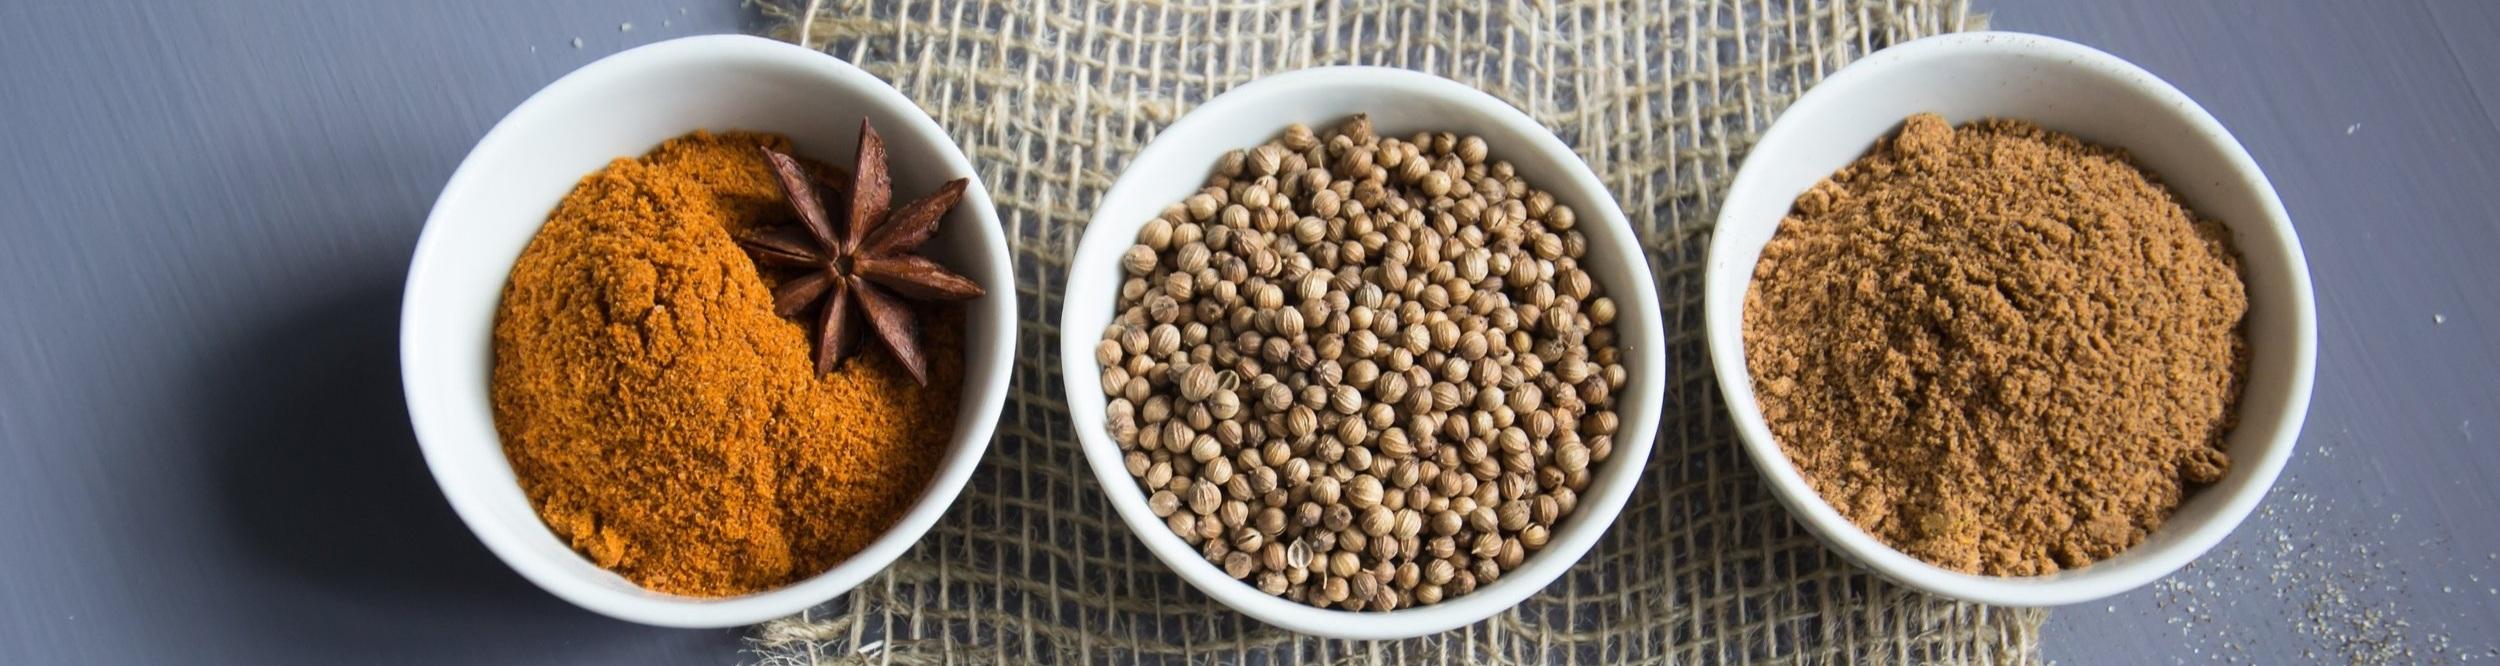 aroma-aromatic-bowls-674483.jpg